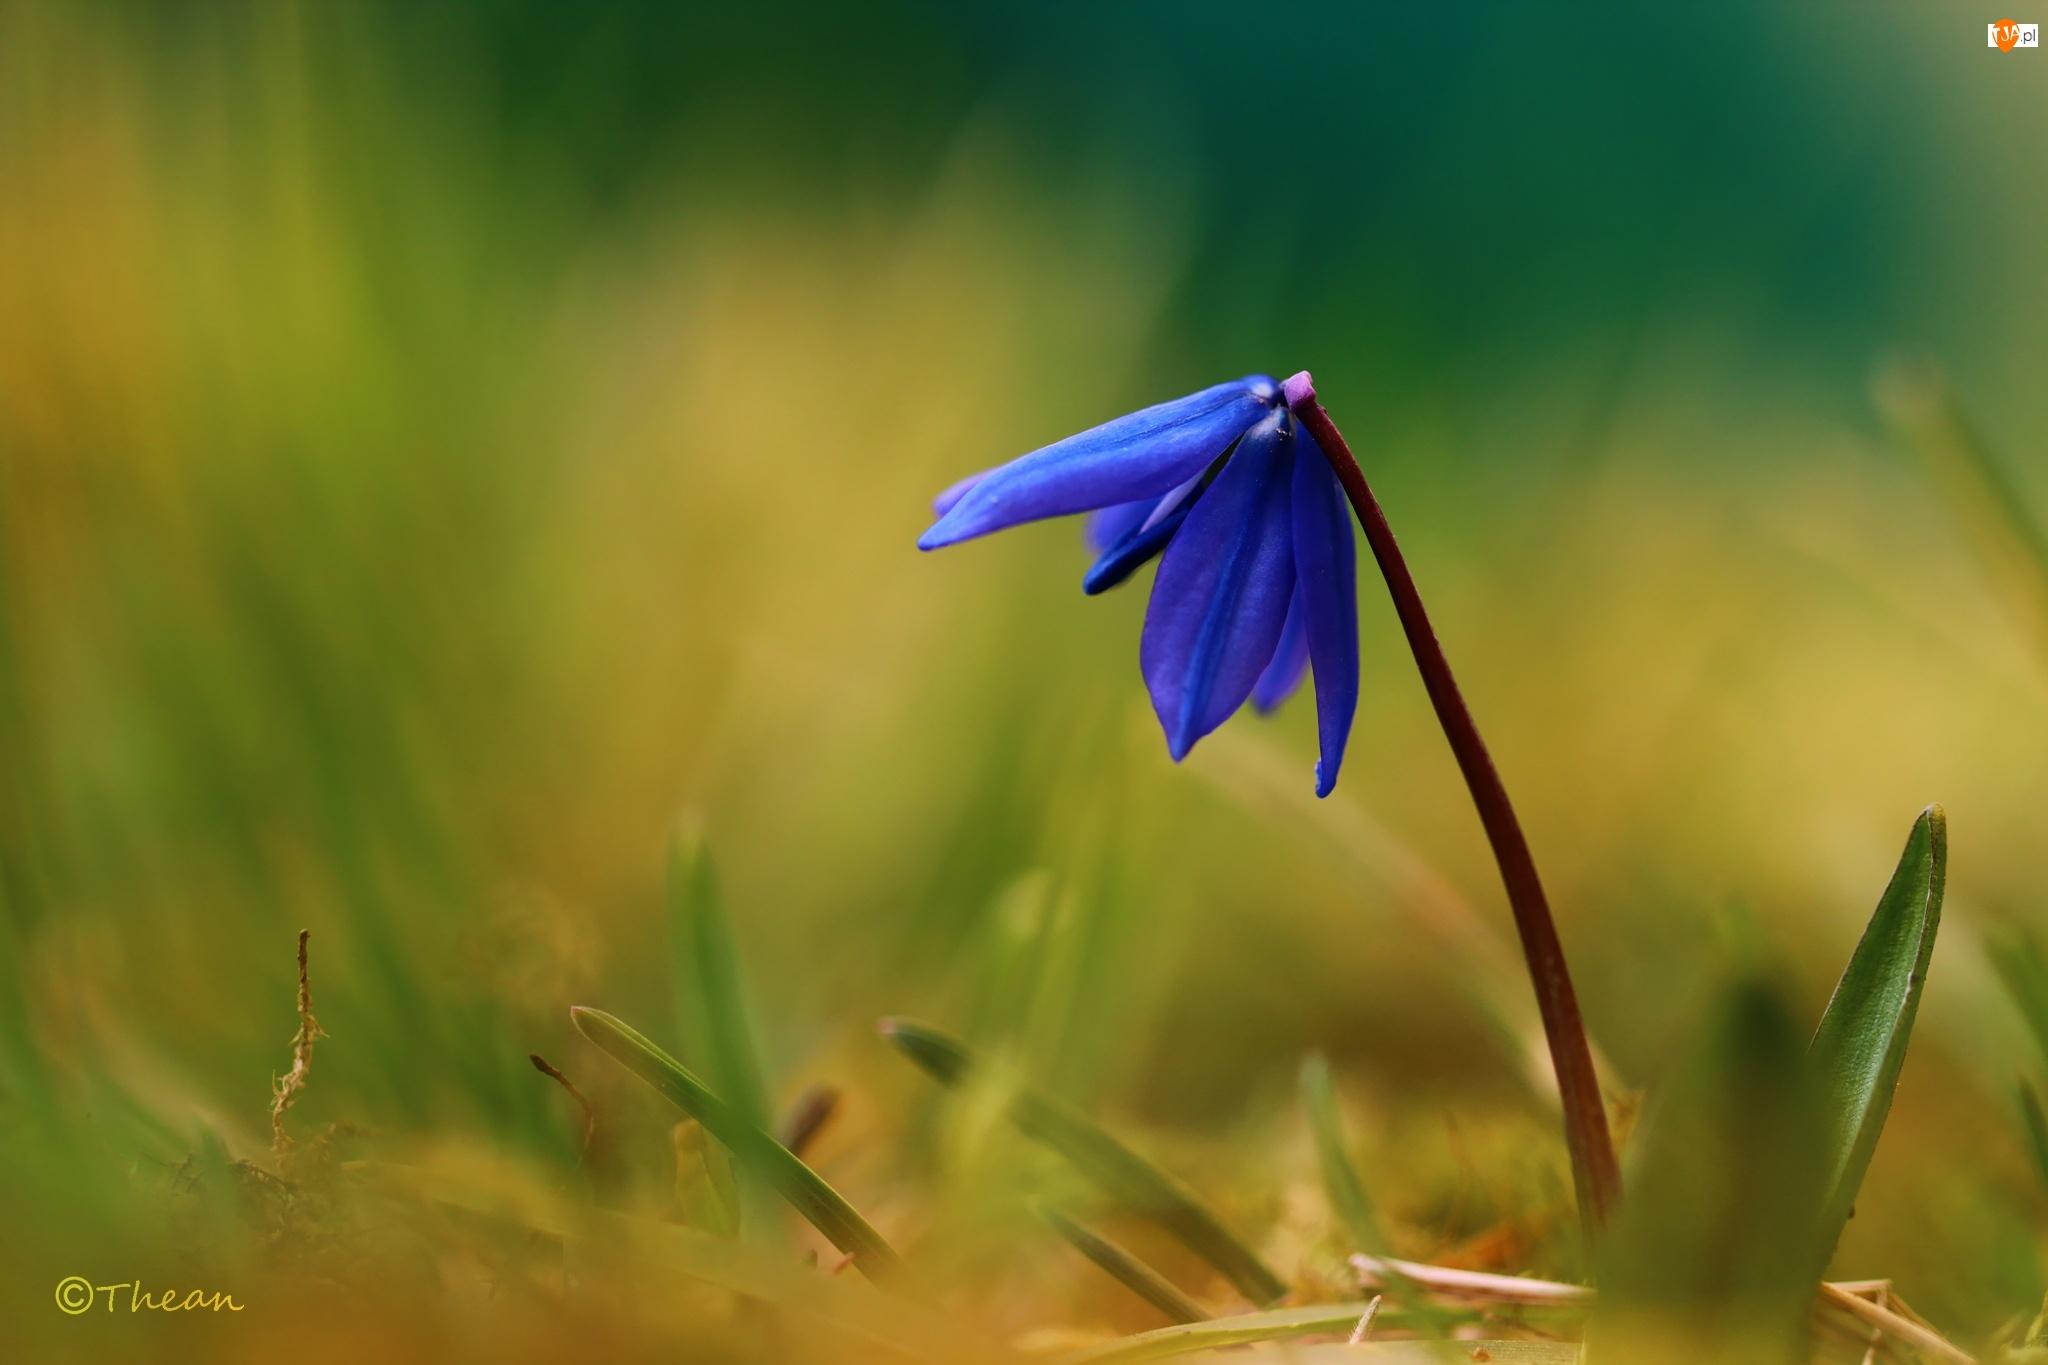 Cebulica Syberyjska, Wiosna, Niebieski, Kwiat